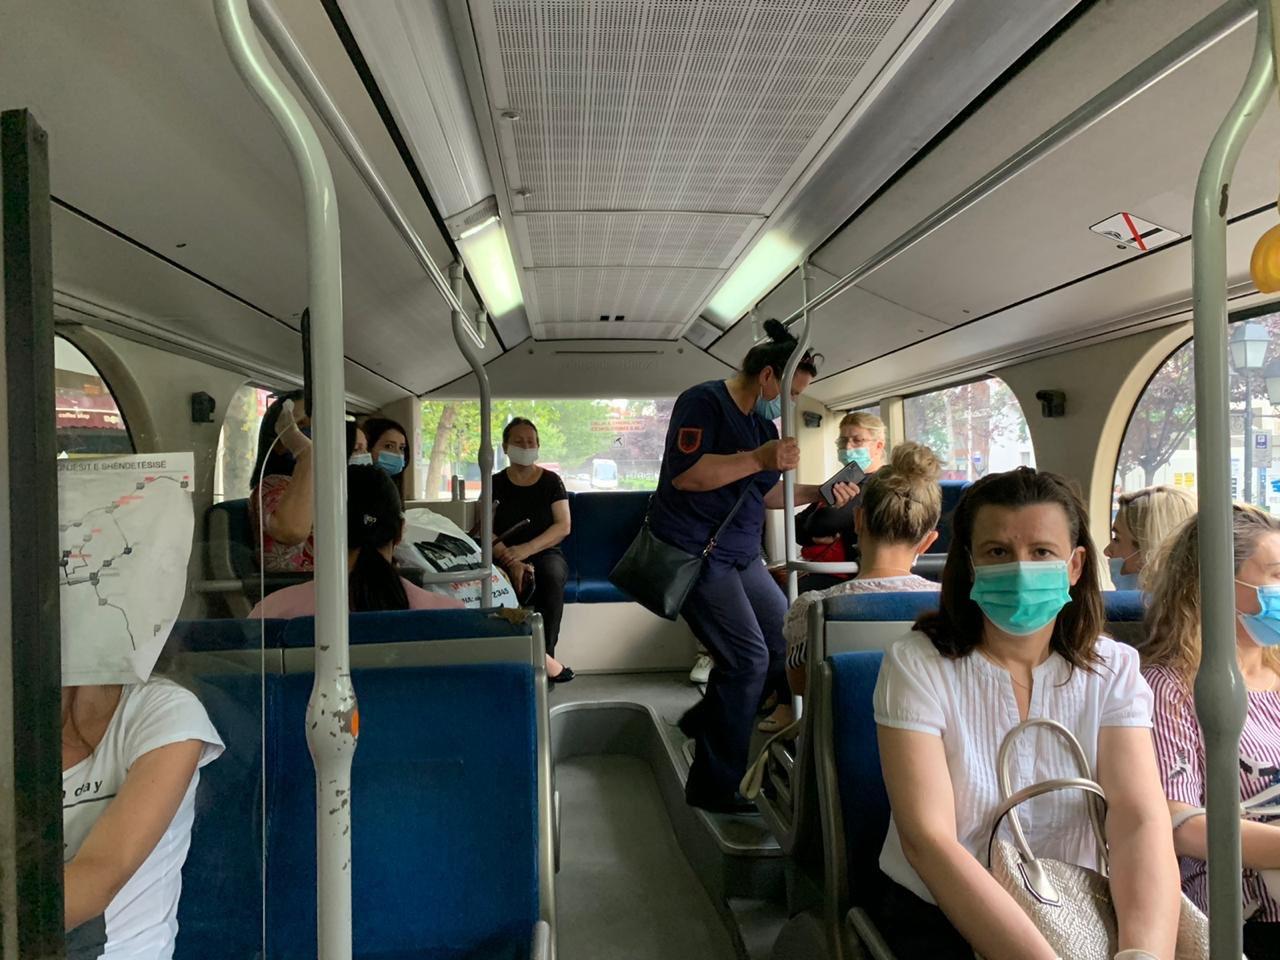 Përgjysmohet numri i urbanëve në Tiranë, Transporti publik: Nuk u plotësuan kërkesat